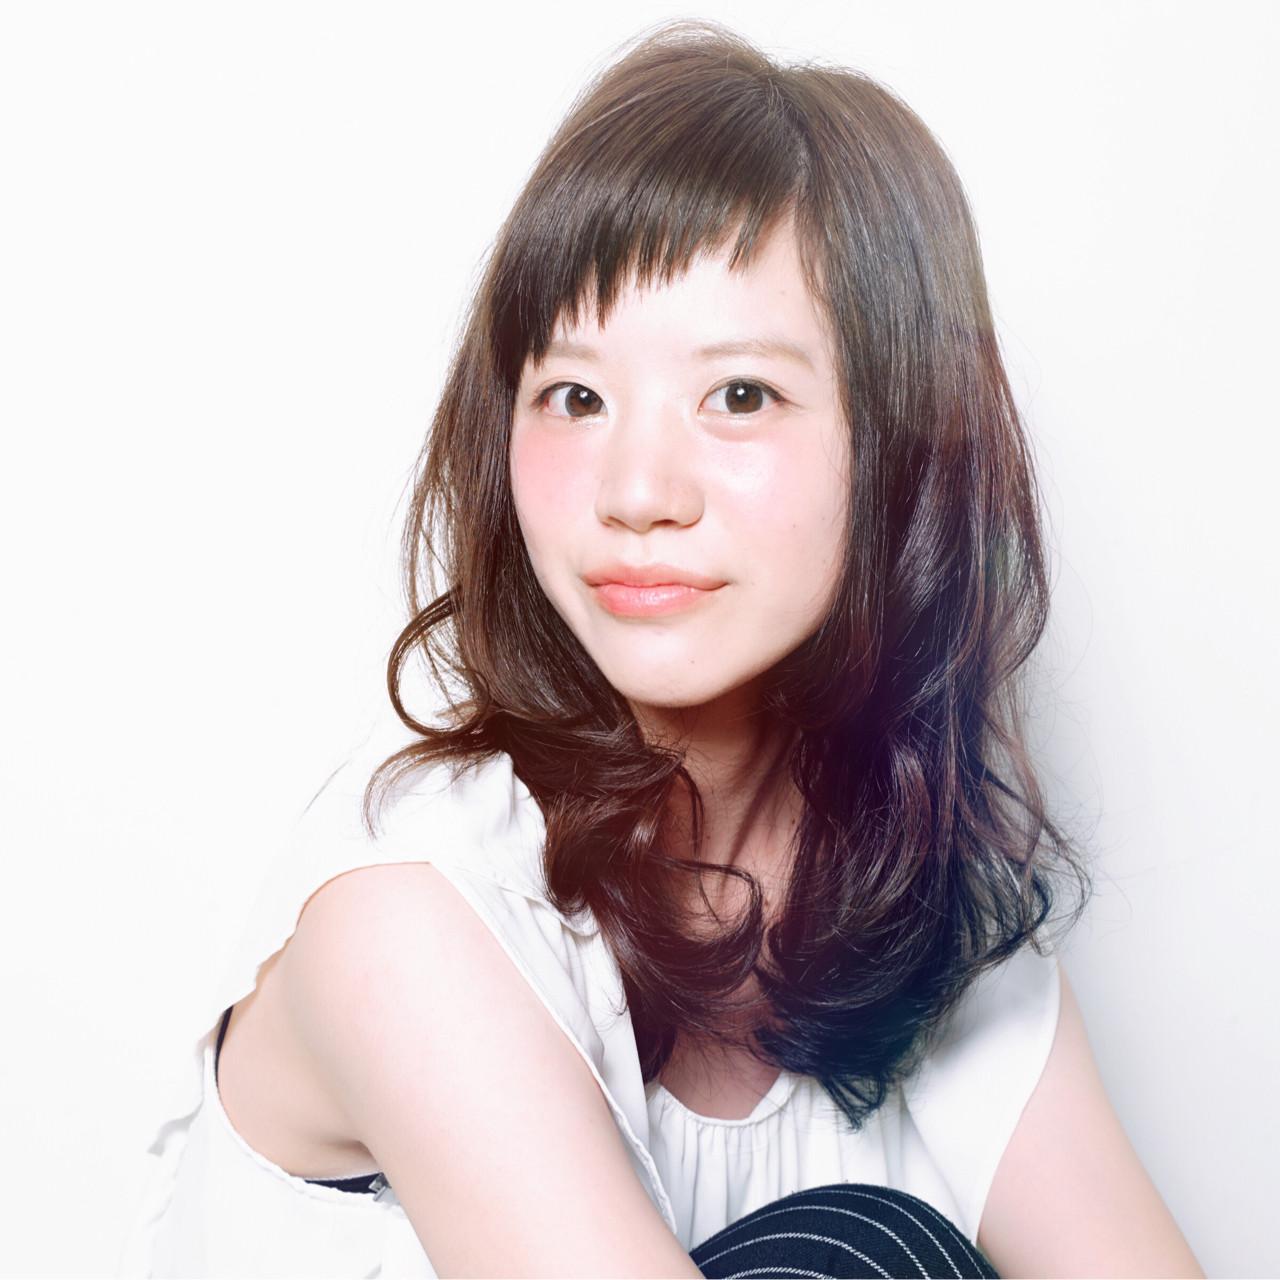 大人女子 オン眉 春 モテ髪 ヘアスタイルや髪型の写真・画像 | 吉川 知志 / MA MAISON PRIVEE DE REVES